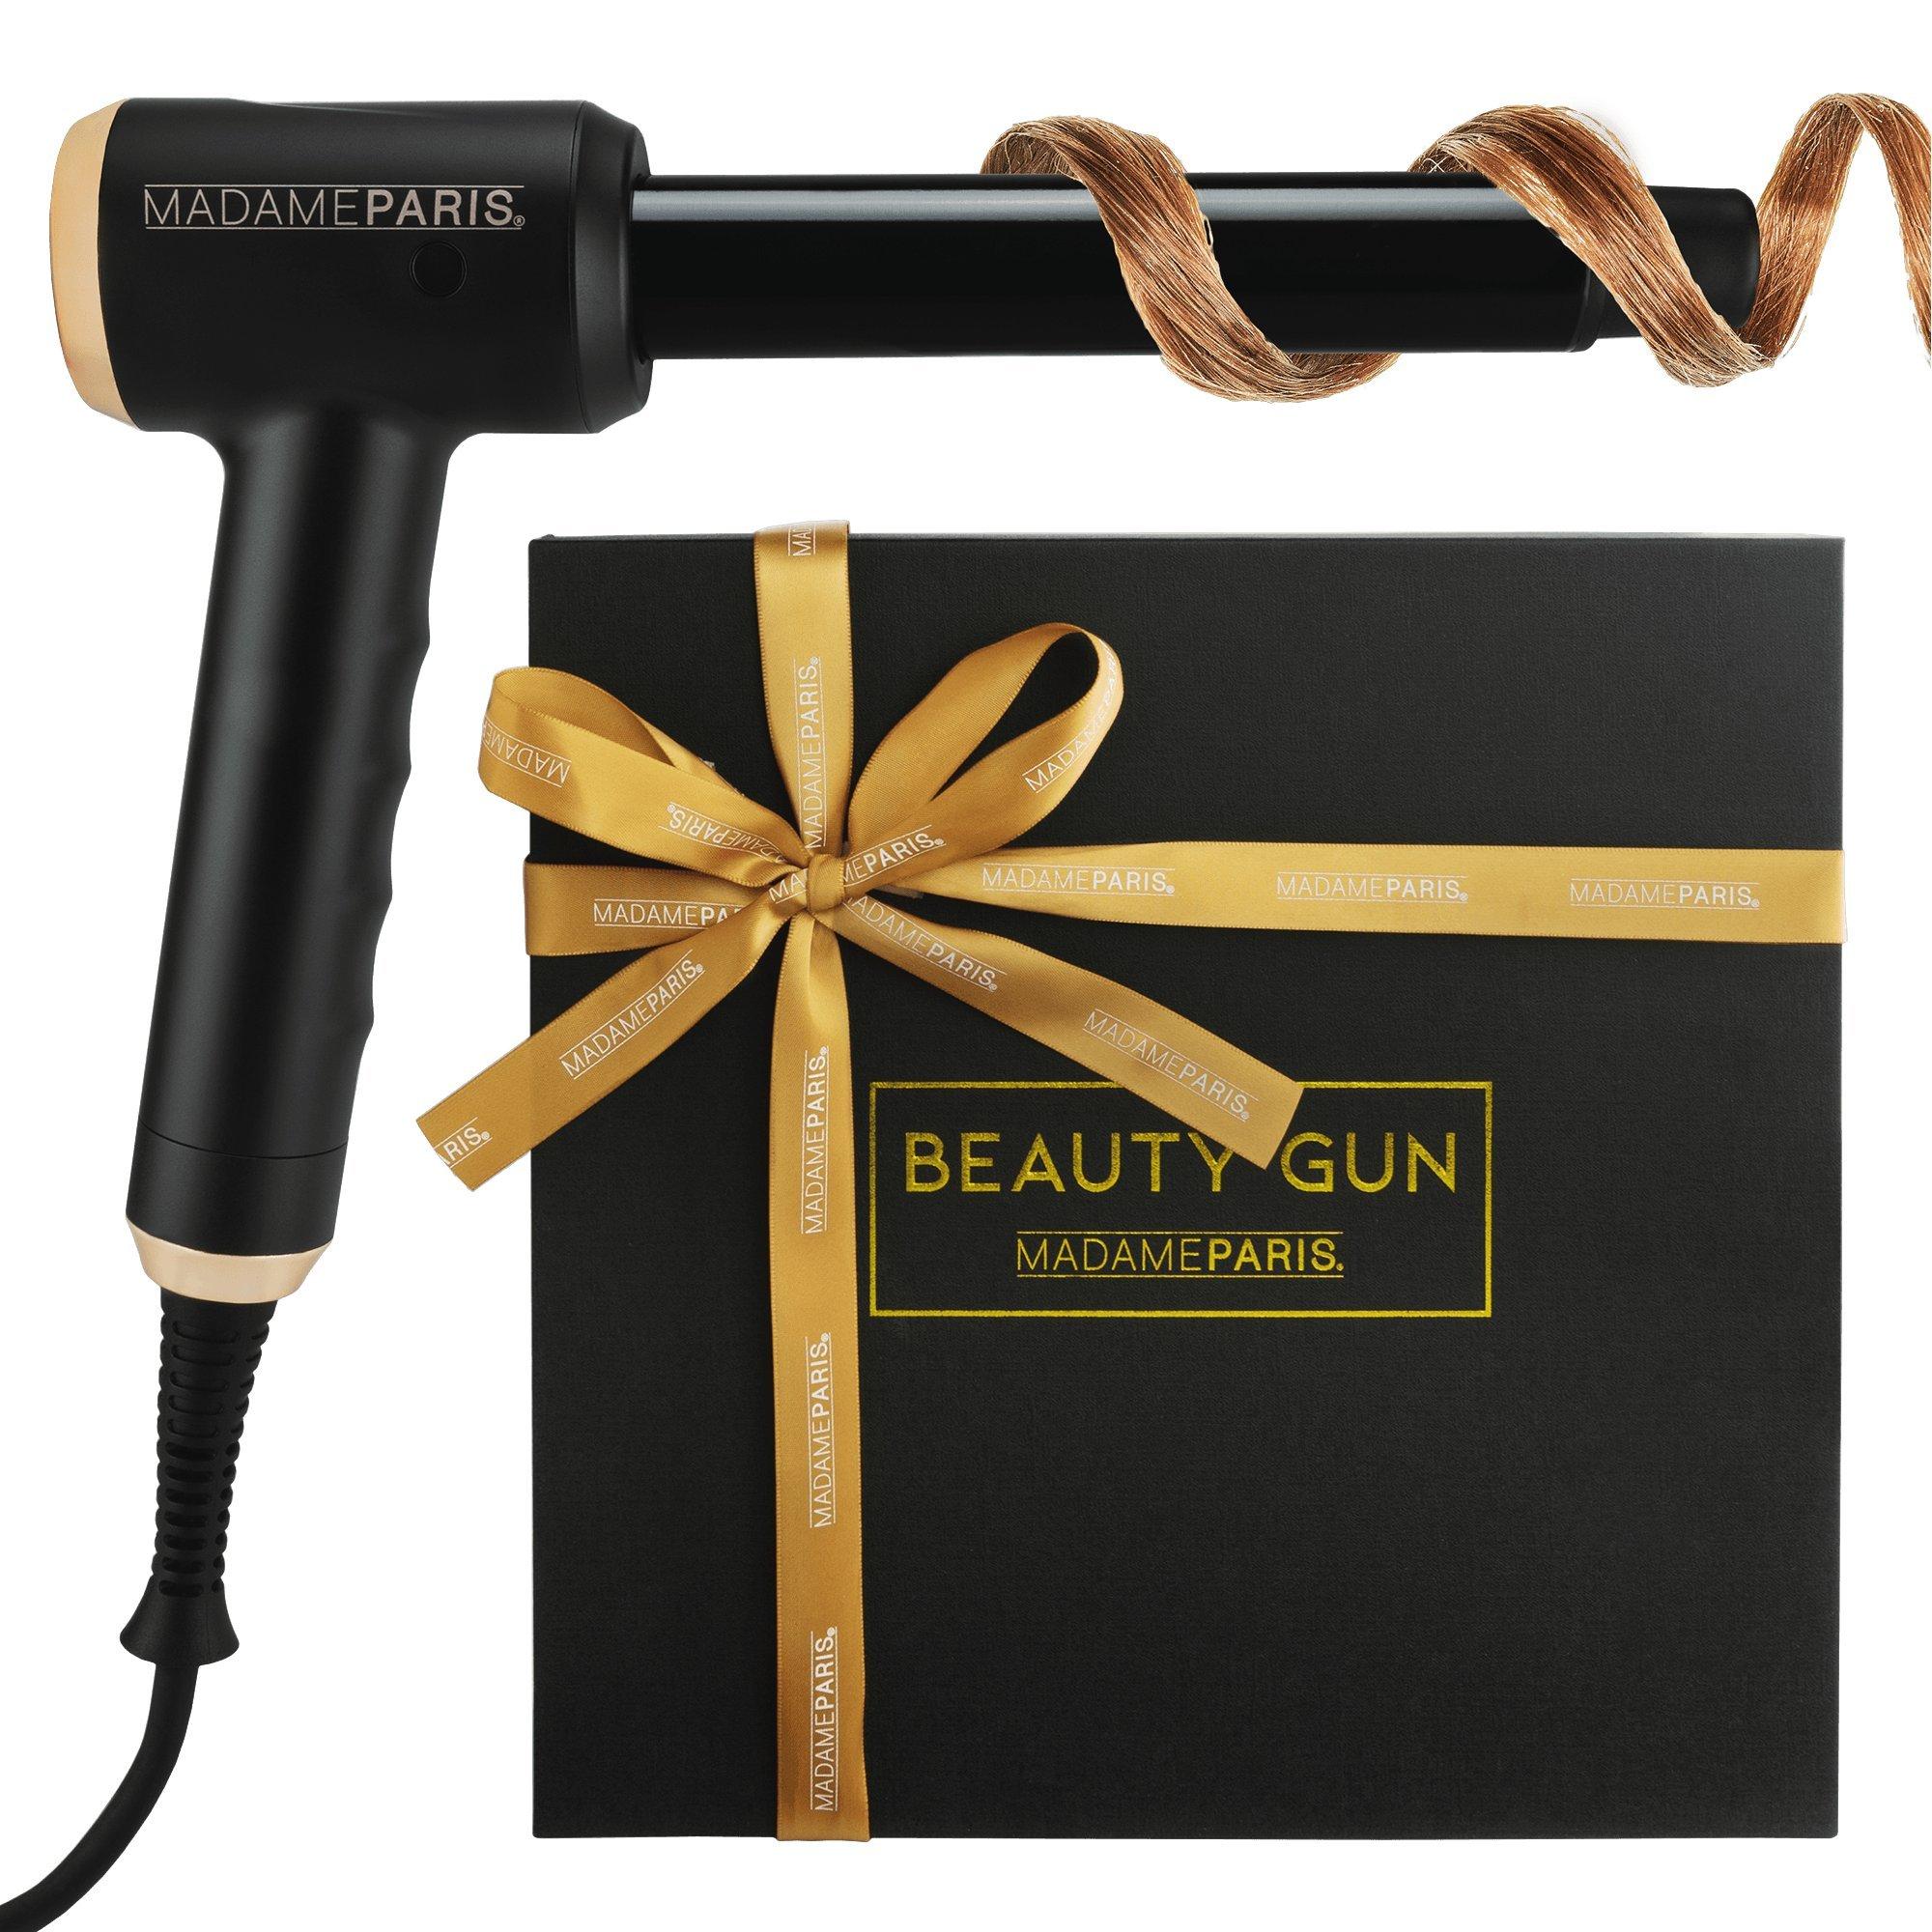 MadameParis - Fer à Boucler - Beauty Gun - Boucleur Cheveux - Coiffeur - Qualité Professionnelle - Céramique - 25mm product image